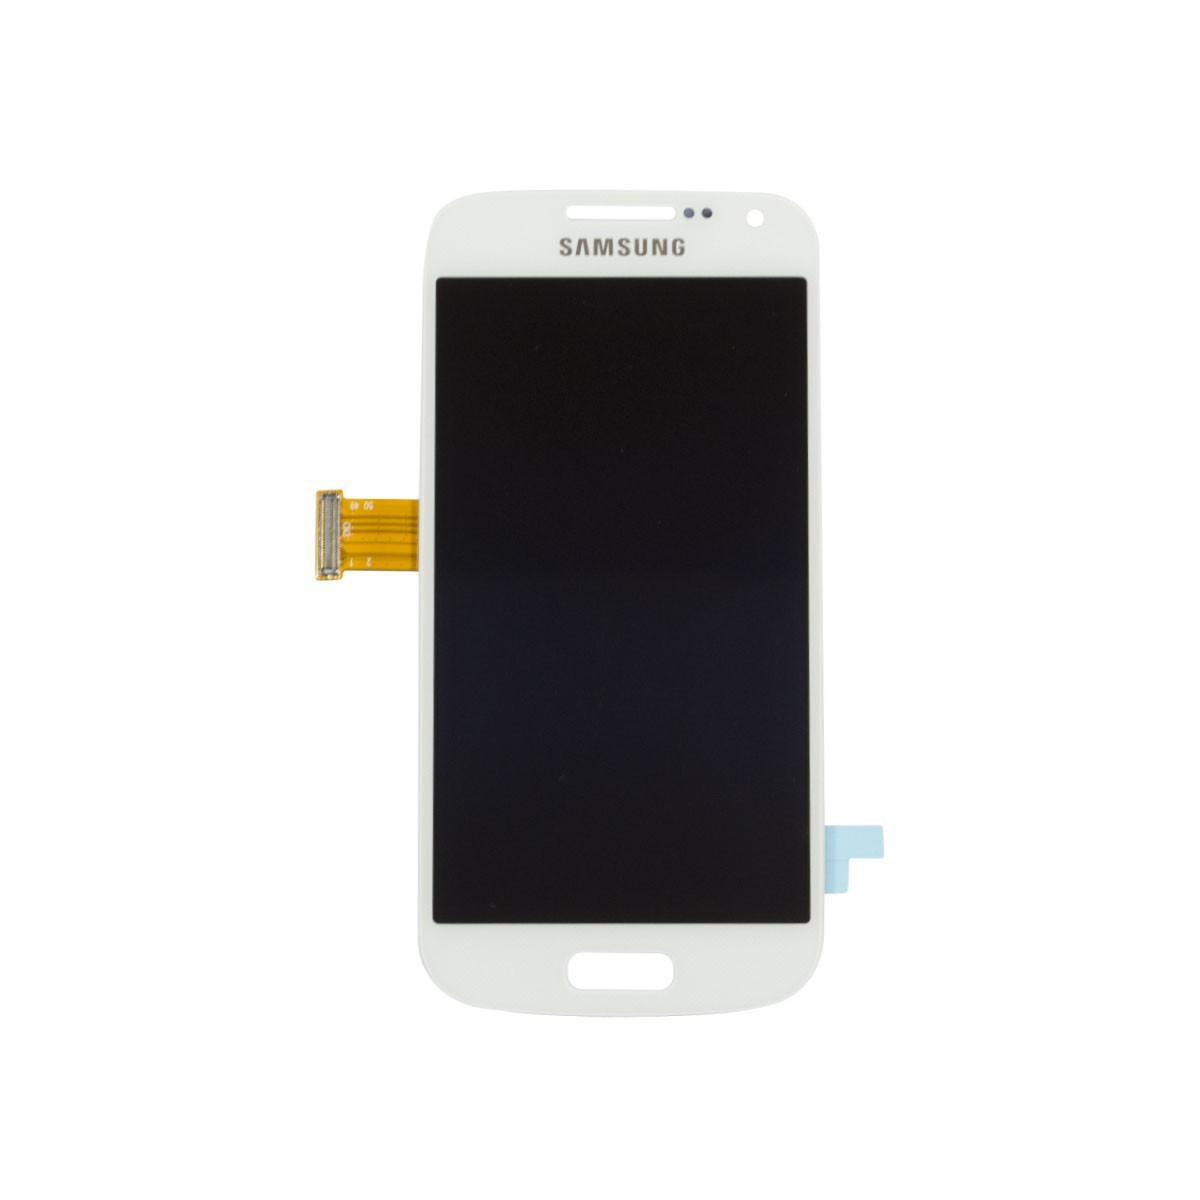 LCD ORIGINAL SAMSUNG S4 MINI WHITE